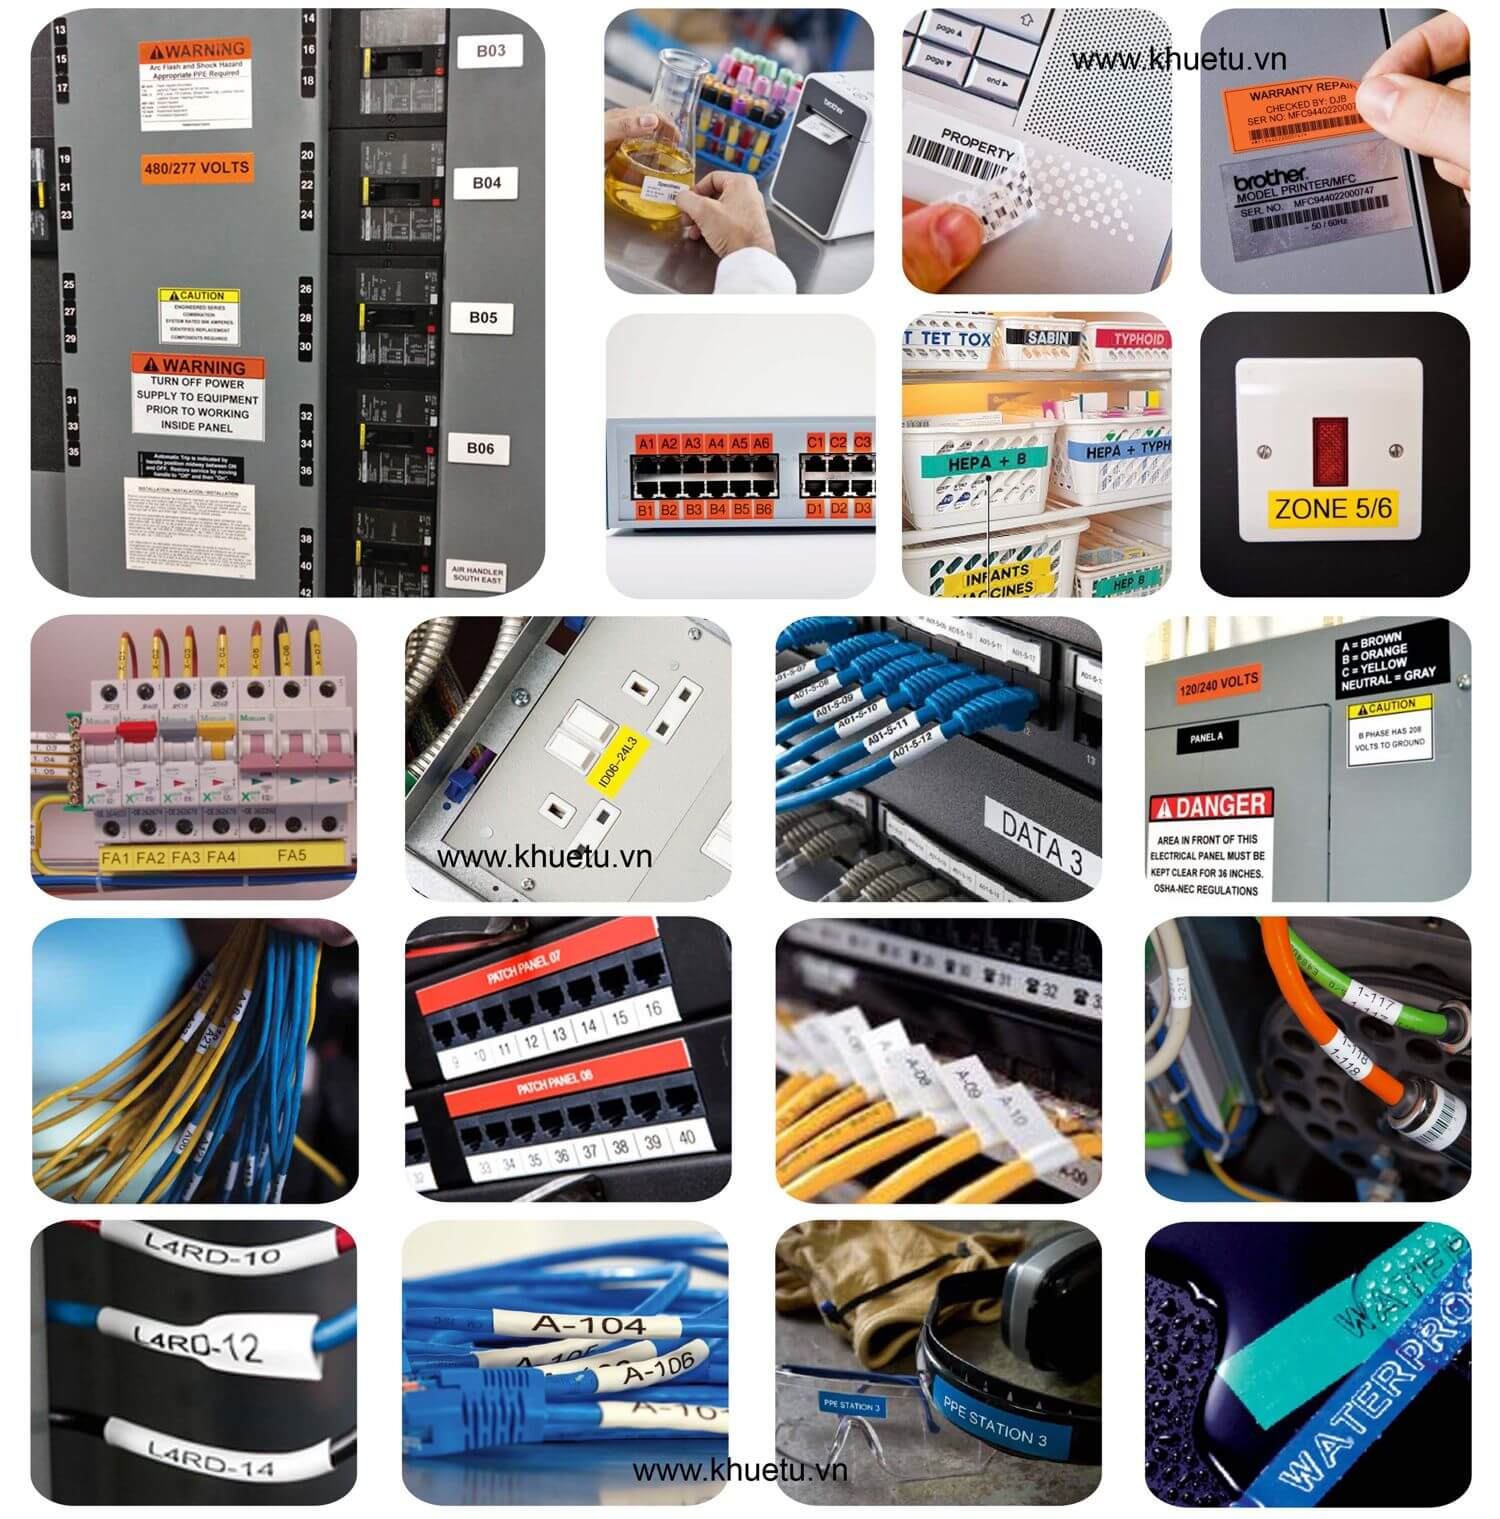 Máy in nhãn cầm tay - Giới thiệu chung và Cách lựa chọn các dòng máy in nhãn Brother